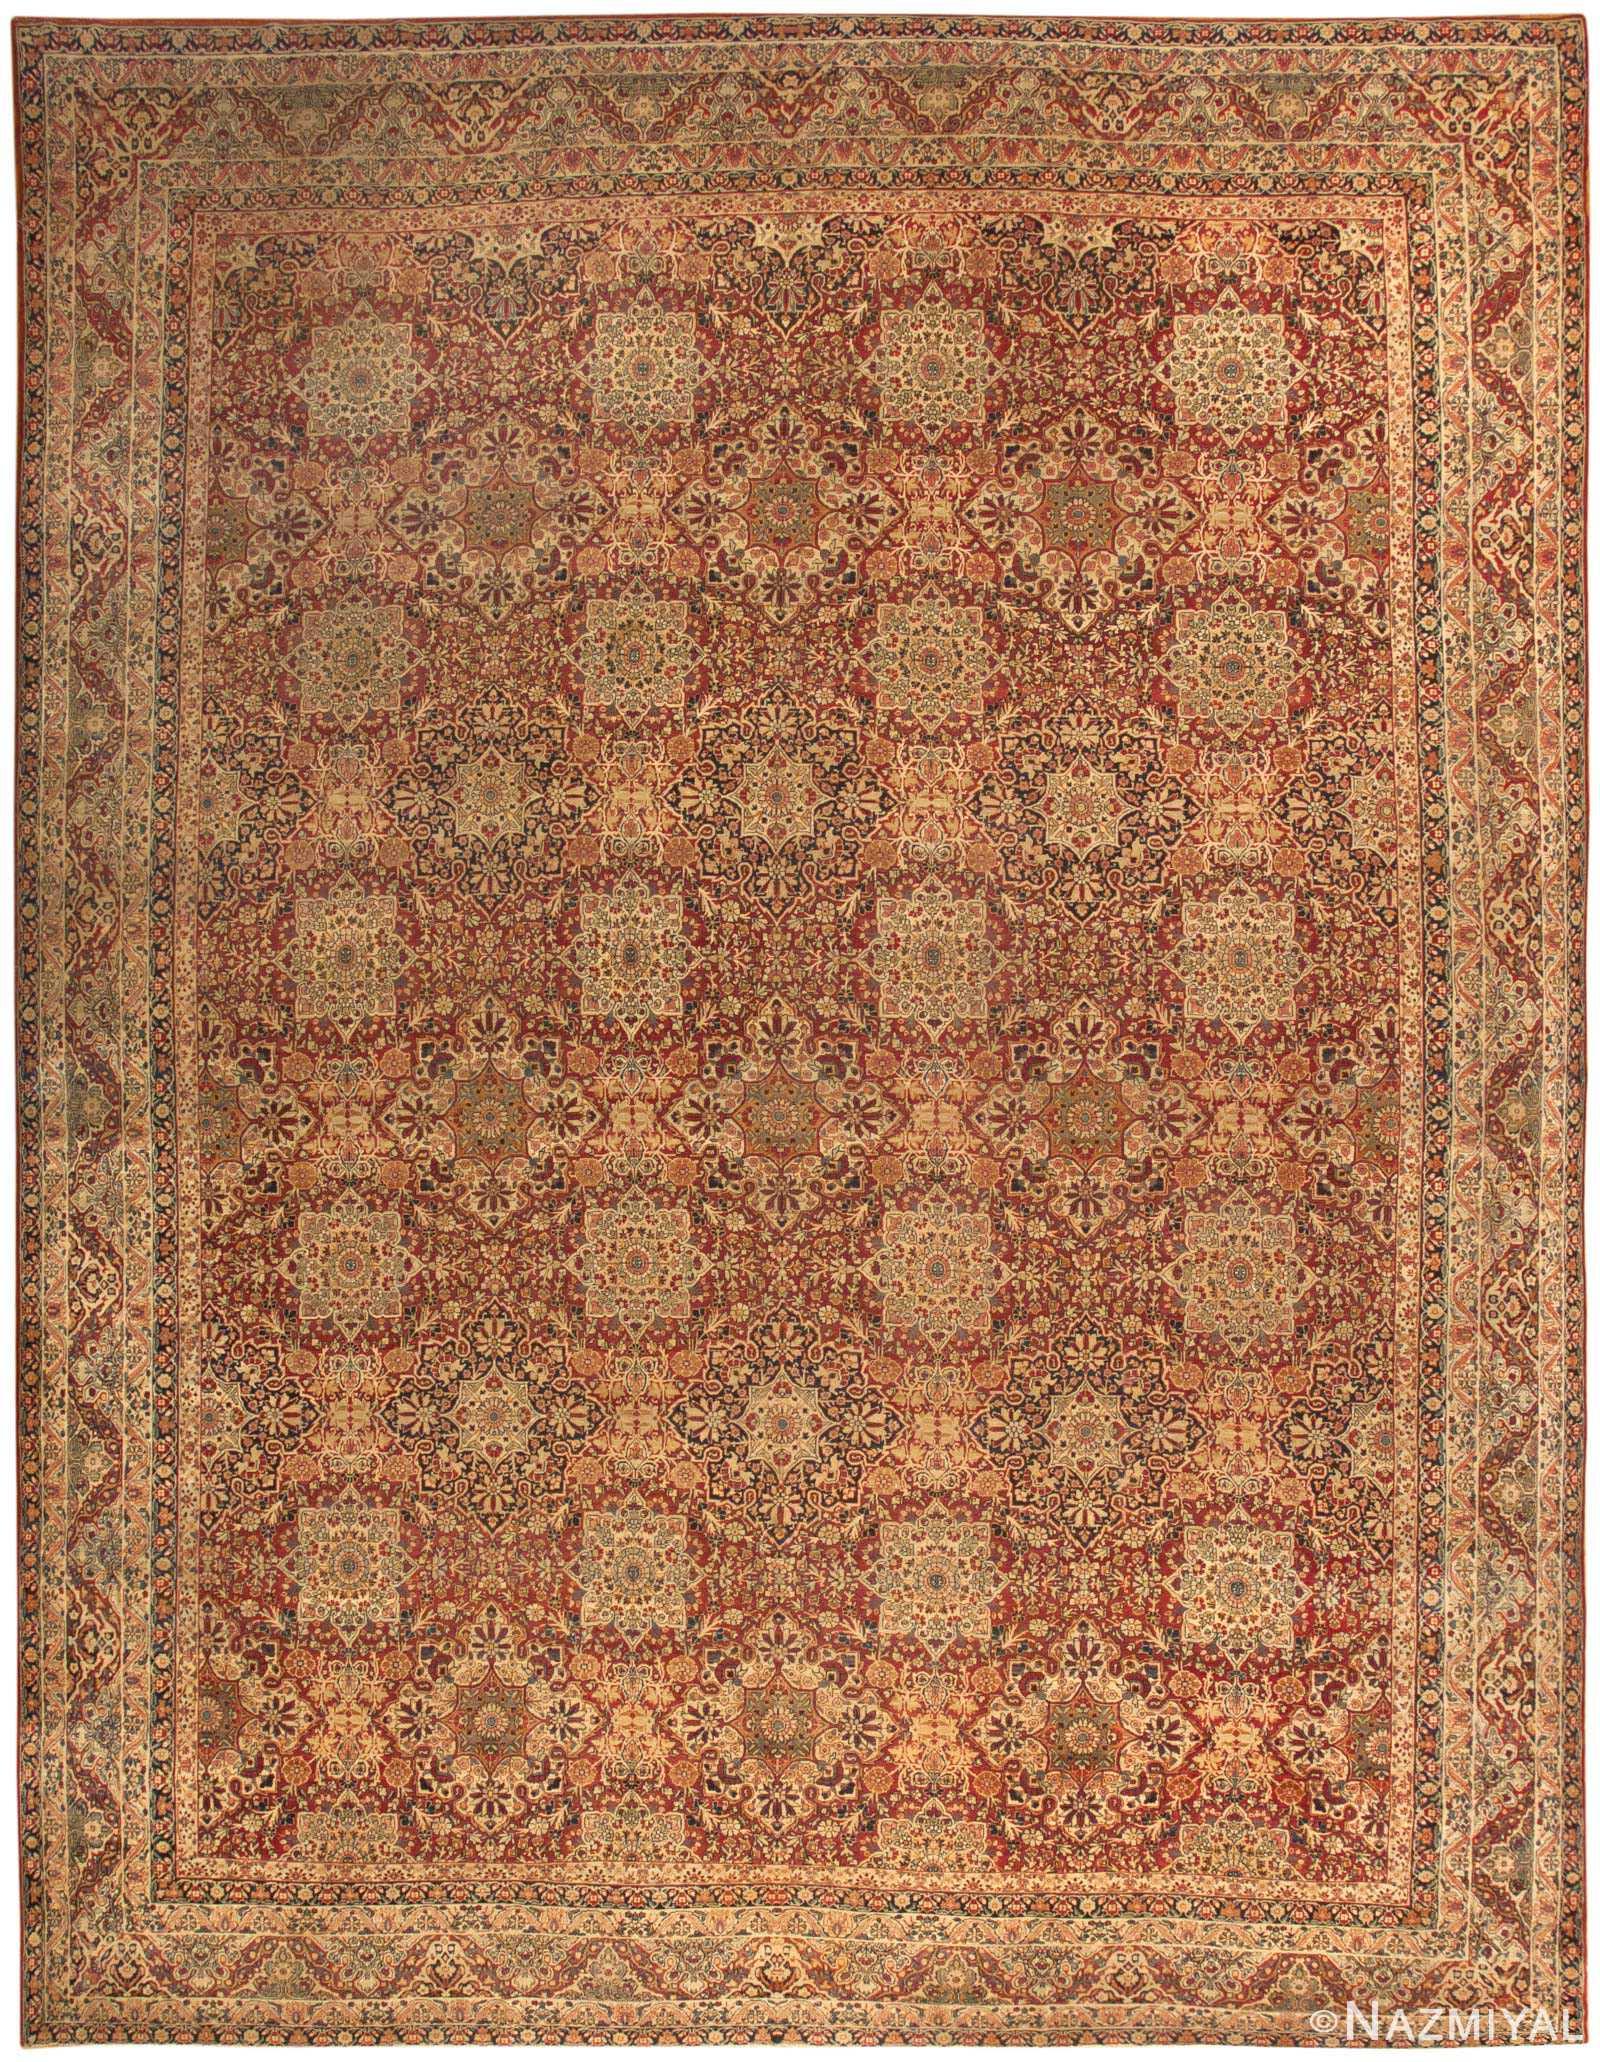 Antique Persian Kerman Rug 46482 Detail/Large View